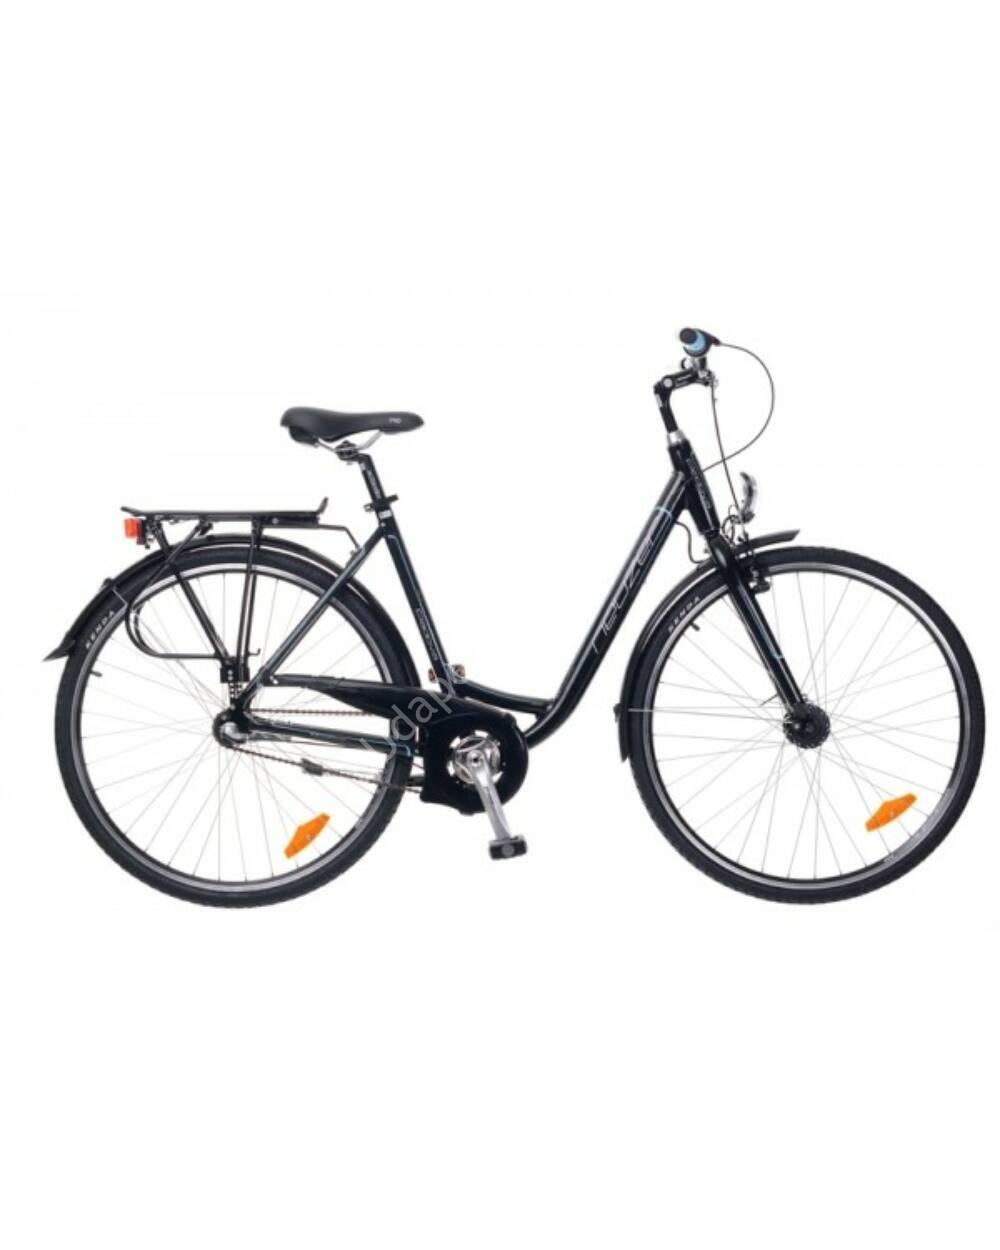 Neuzer Padova 28 női városi kerékpár, fekete/türkiz